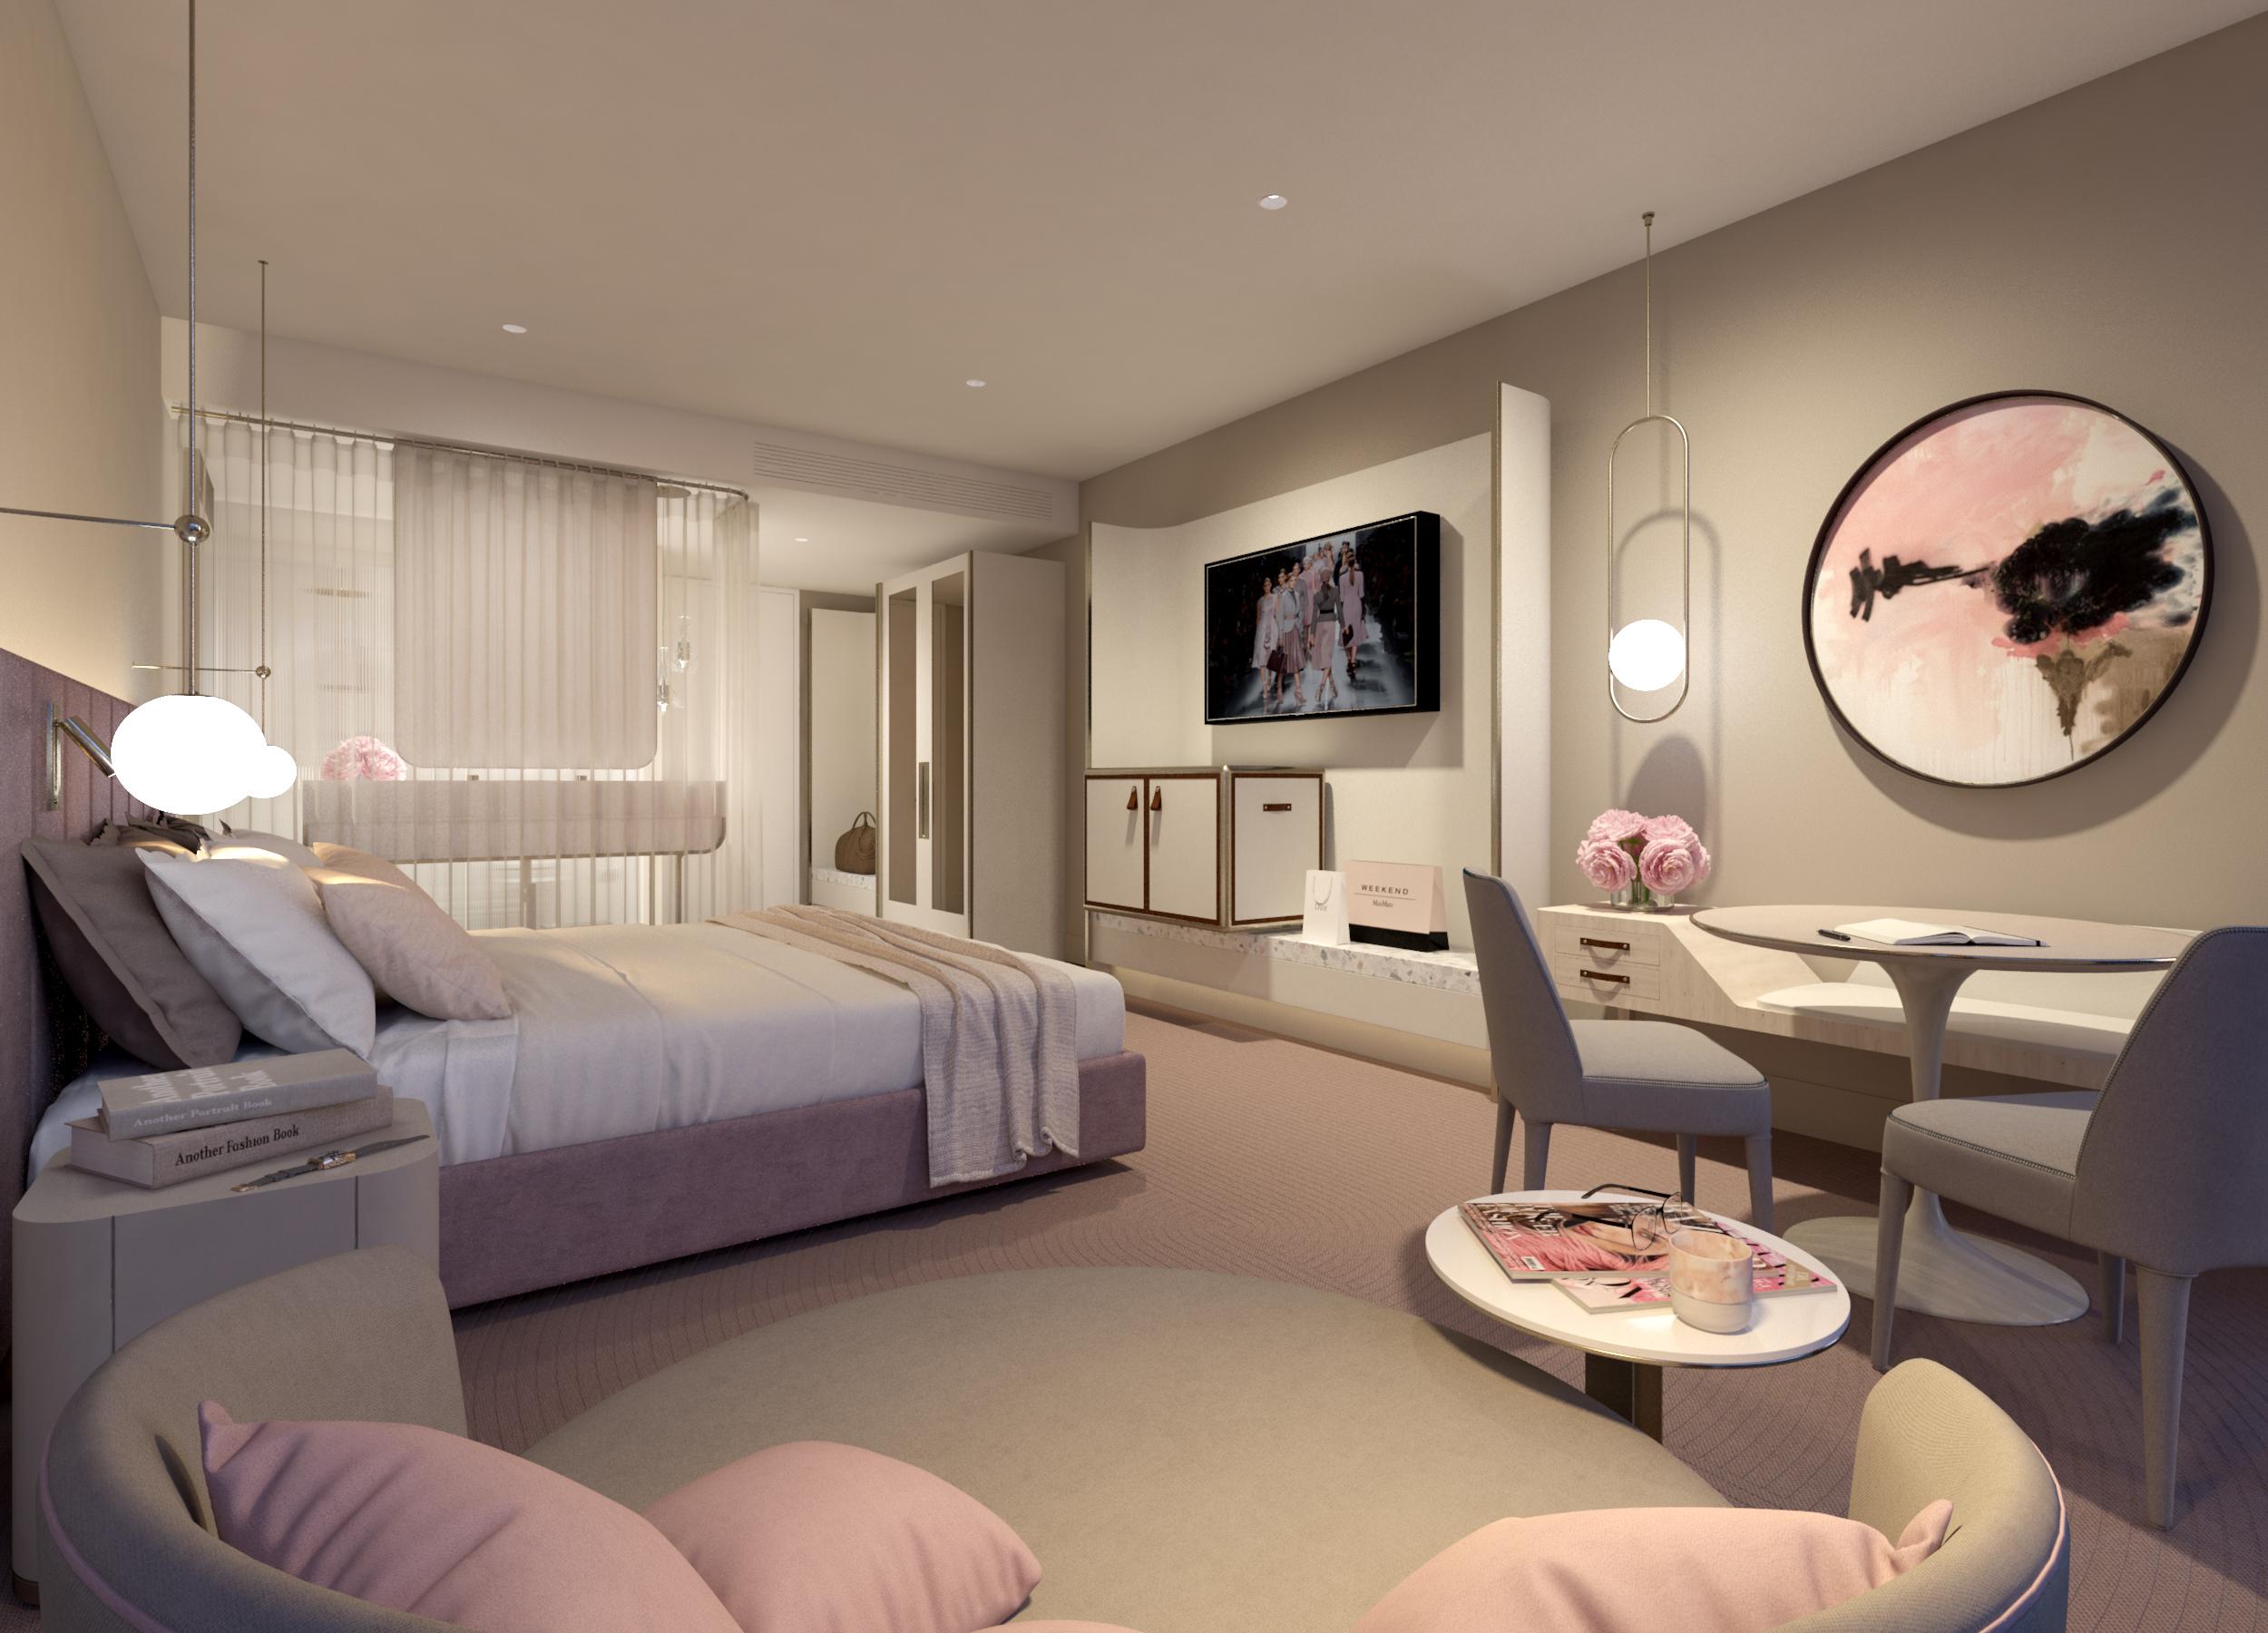 Chadstone Hotel - King Room - Open Plan In MR.jpg